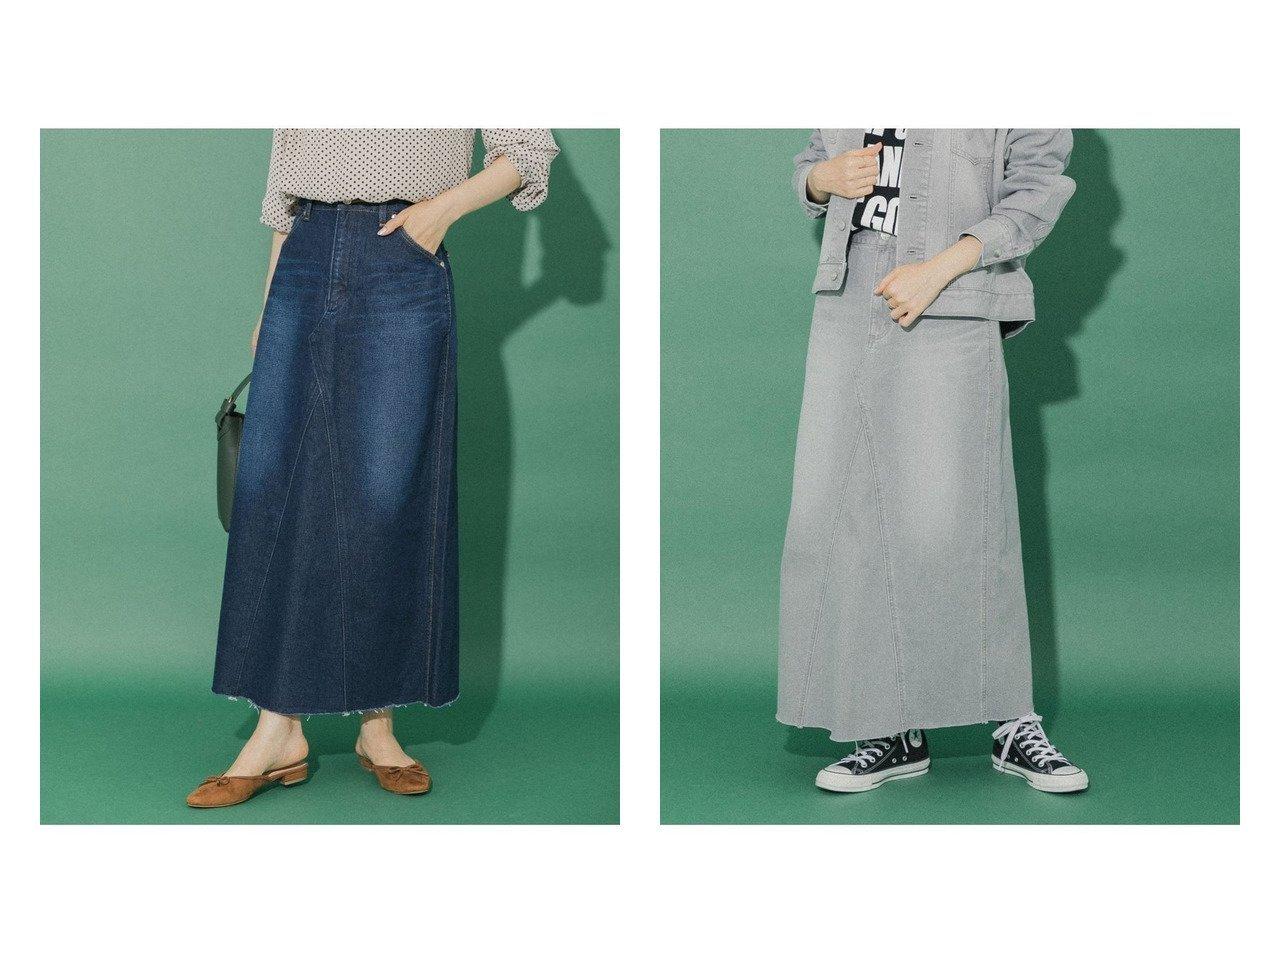 【Sonny Label / URBAN RESEARCH/サニーレーベル】の【別注】WranglerSonny Label リメイクデニムスカート 別注・限定・コラボなど、おすすめ!人気、トレンド・レディースファッションの通販 おすすめで人気の流行・トレンド、ファッションの通販商品 インテリア・家具・メンズファッション・キッズファッション・レディースファッション・服の通販 founy(ファニー) https://founy.com/ ファッション Fashion レディースファッション WOMEN スカート Skirt デニムスカート Denim Skirts カットオフ ジーンズ スペシャル セットアップ デニム 定番 Standard 人気 フレア 別注 リメイク ワーク NEW・新作・新着・新入荷 New Arrivals |ID:crp329100000060993